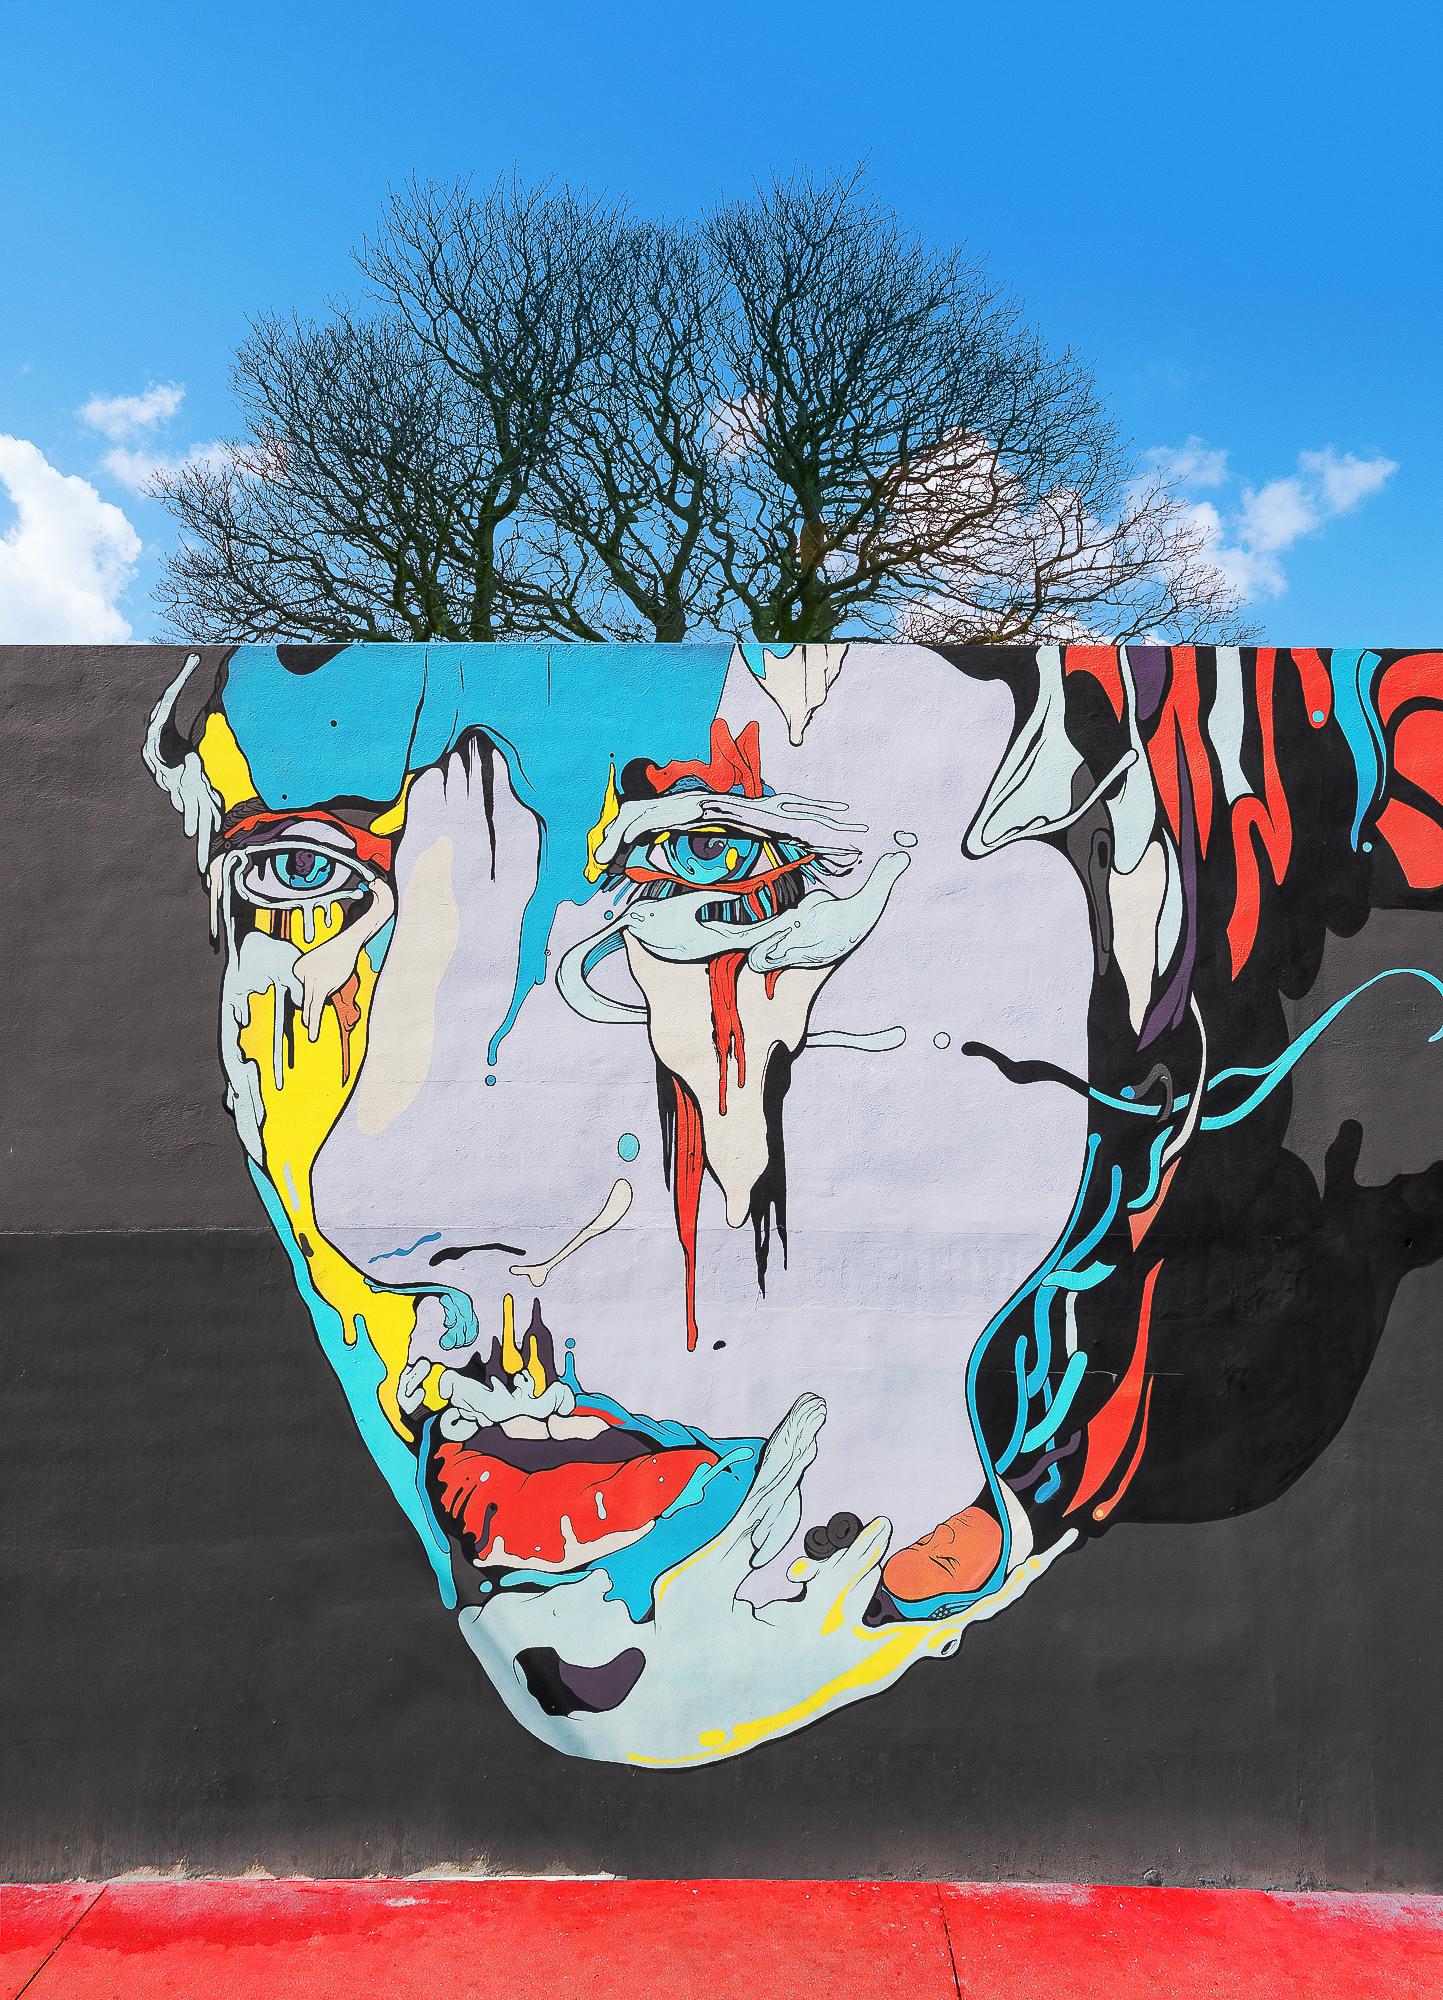 graffiti street art - Miami